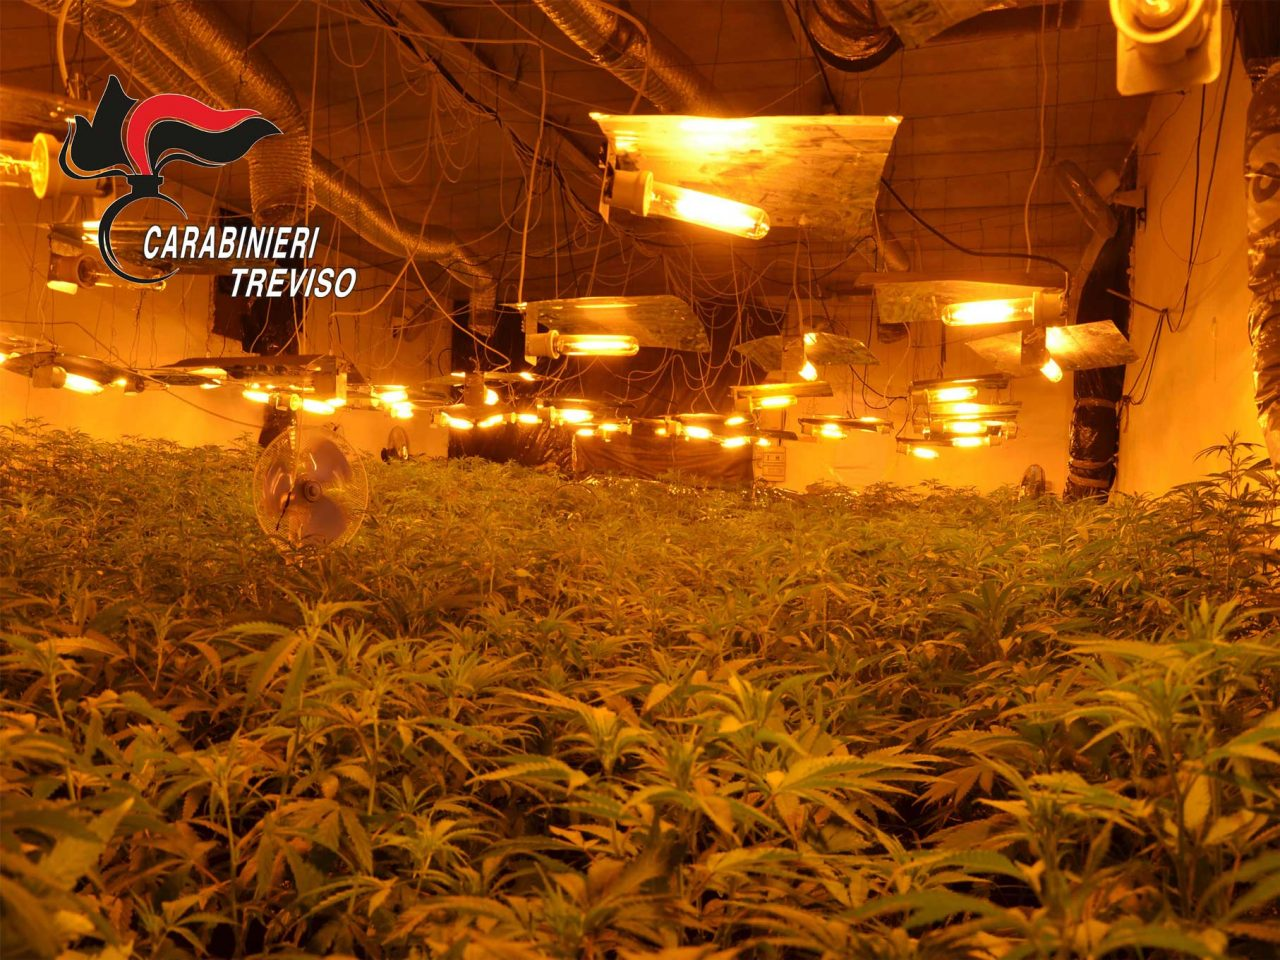 Rubavano energia elettrica per una maxi piantagione di marijuana: arrestati quattro cinesi a Montebelluna